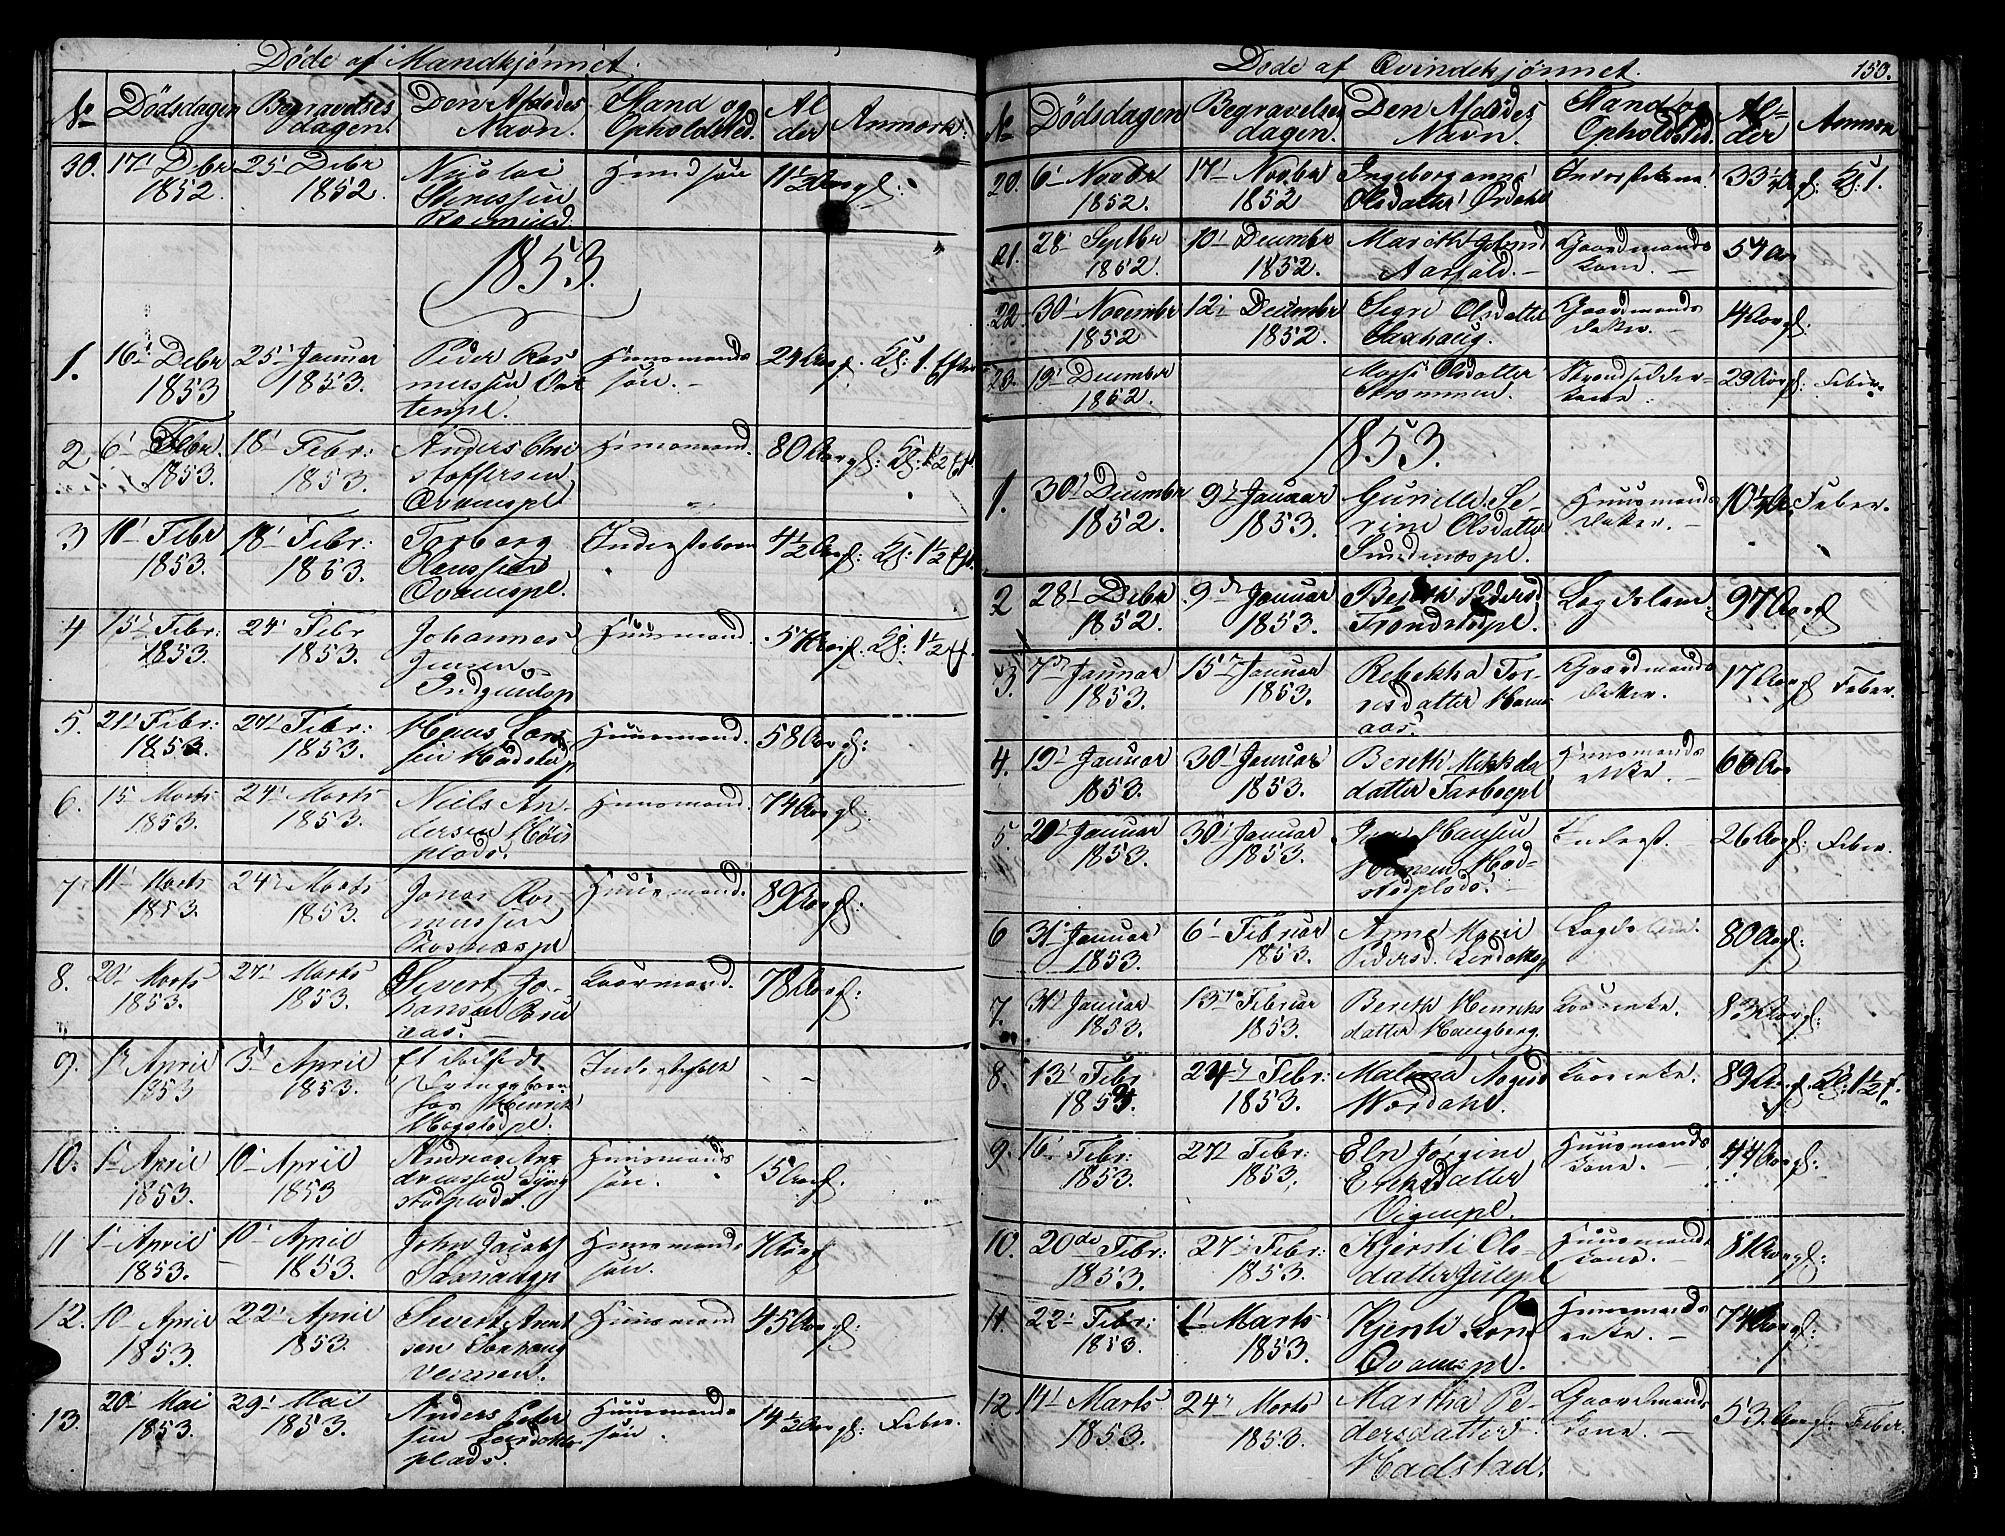 SAT, Ministerialprotokoller, klokkerbøker og fødselsregistre - Nord-Trøndelag, 730/L0299: Klokkerbok nr. 730C02, 1849-1871, s. 150